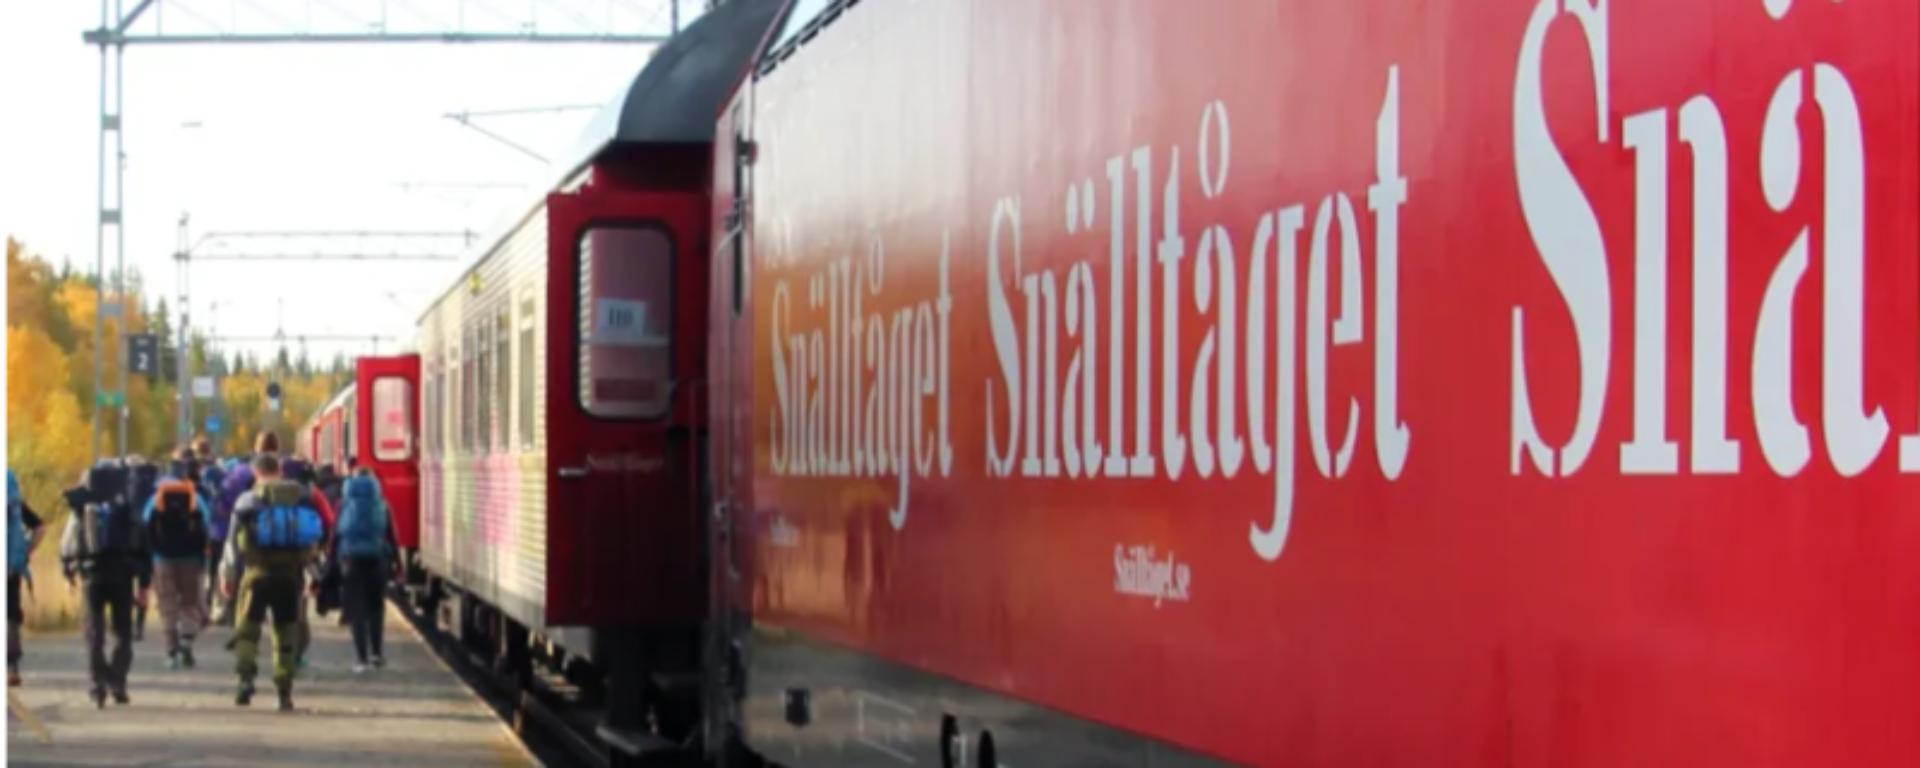 Snälltåget_Jämtland